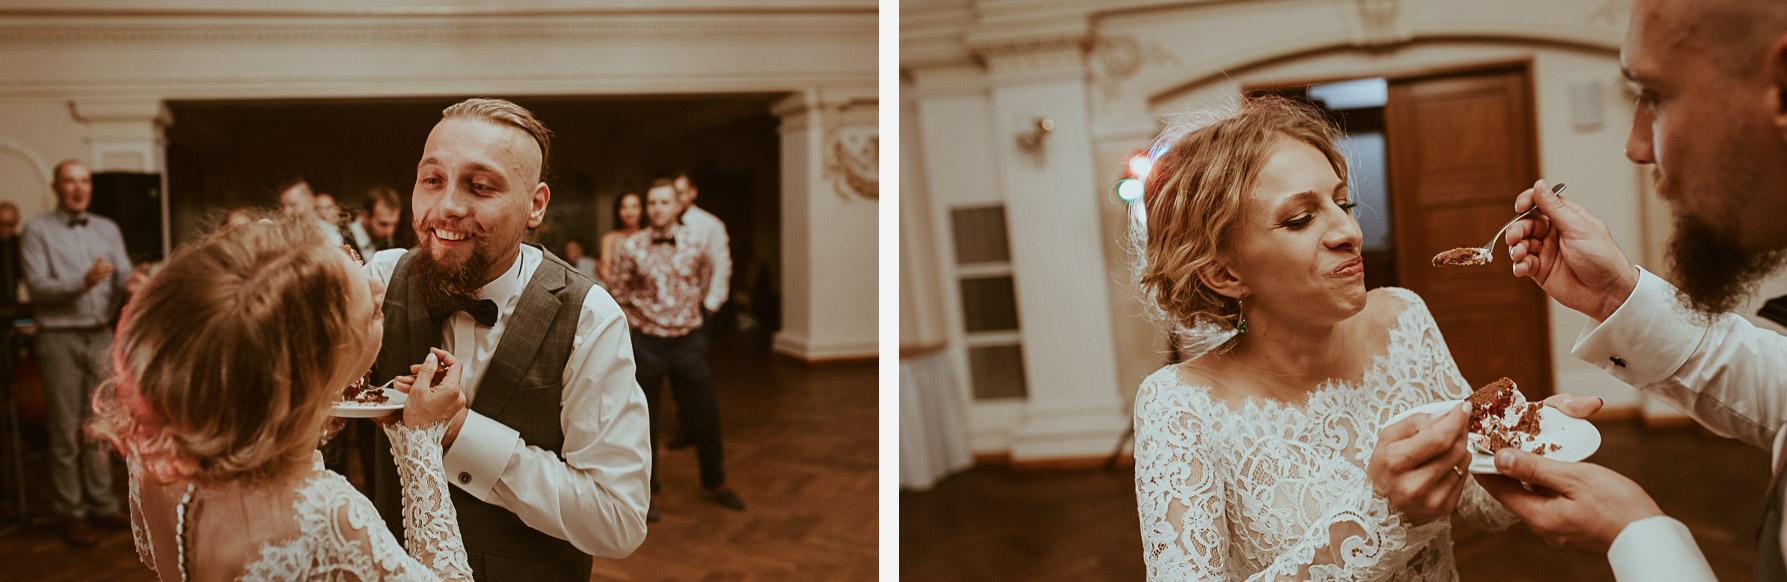 Zdjęcia Ślubne Czechowice 156 43v